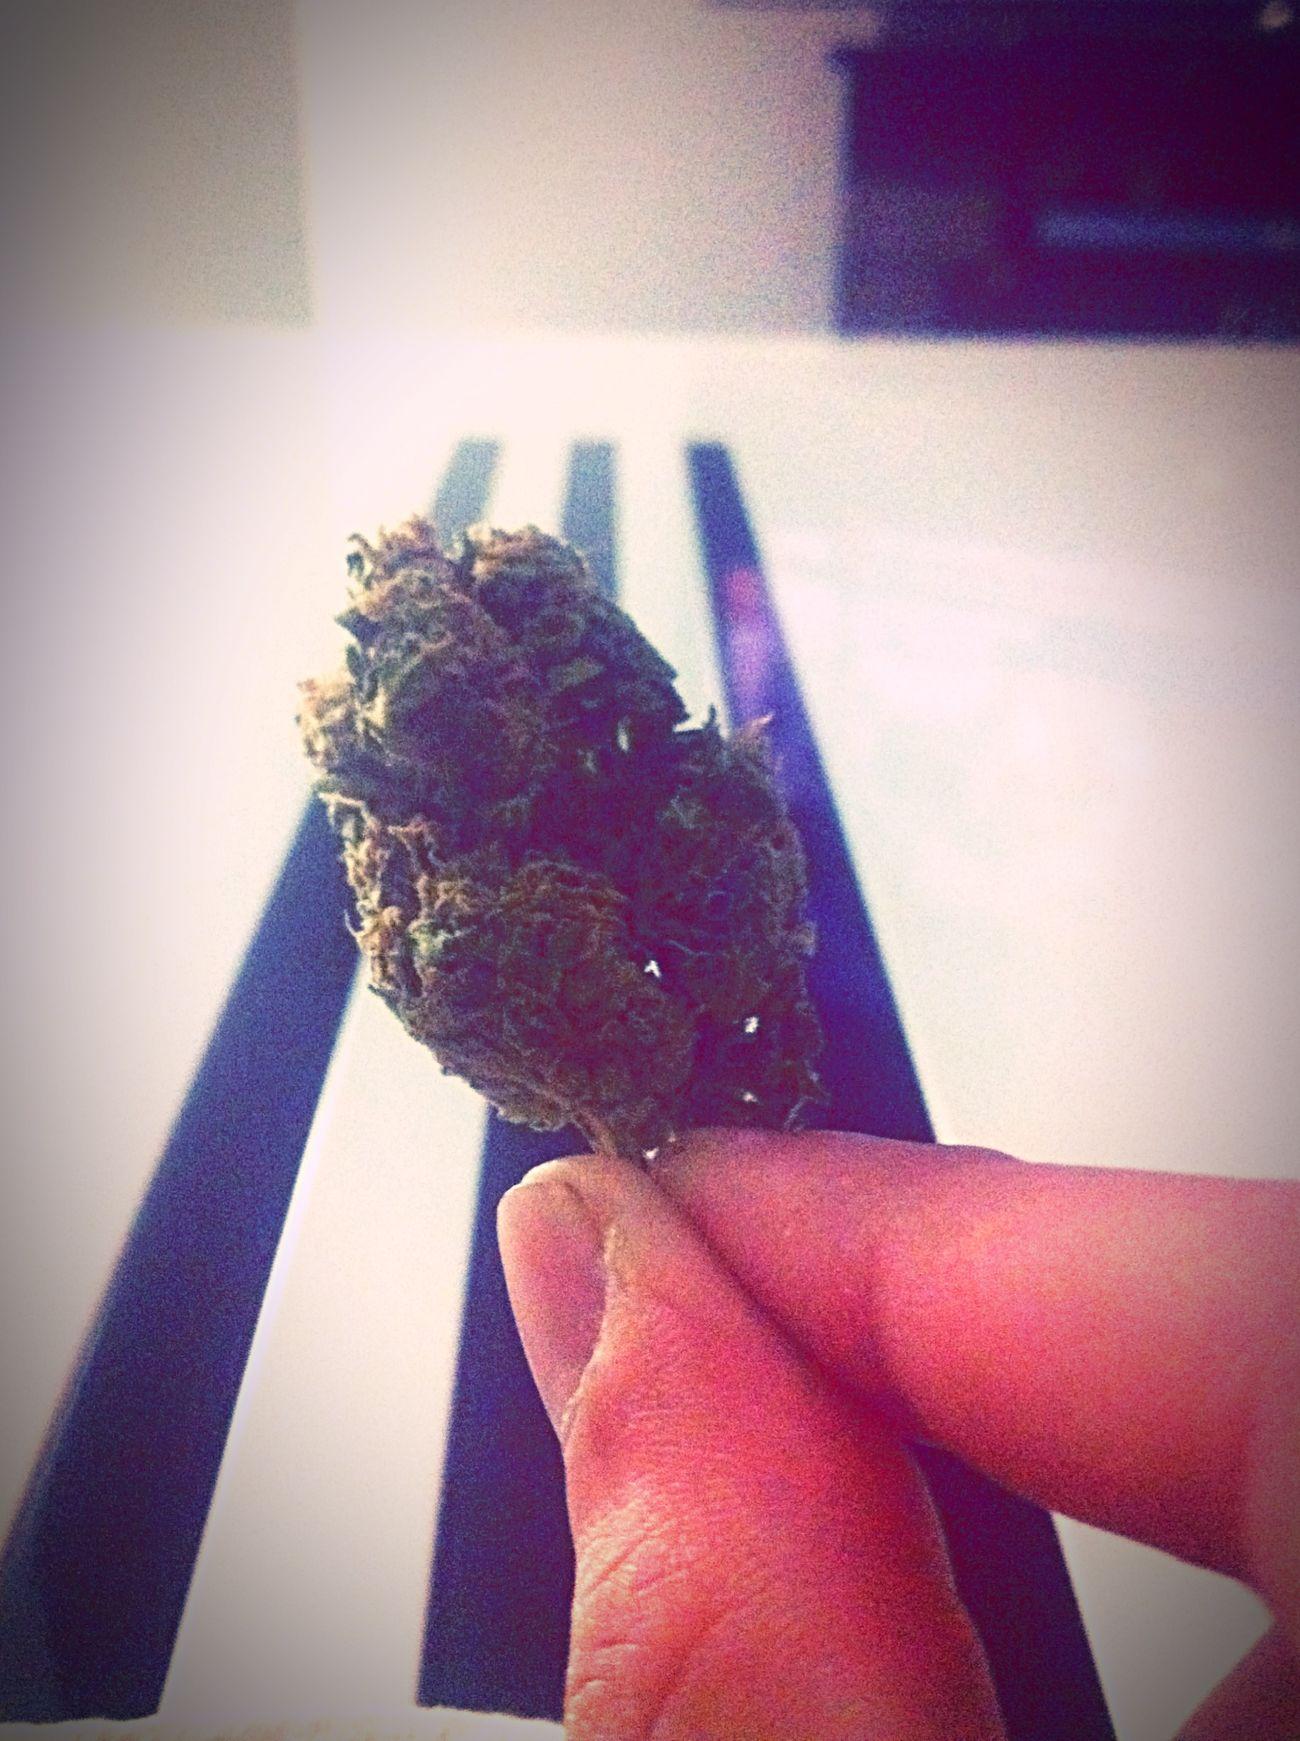 Kush Power Smoking Weed Picofthenight 💨💨💨💨💨🍁🎄